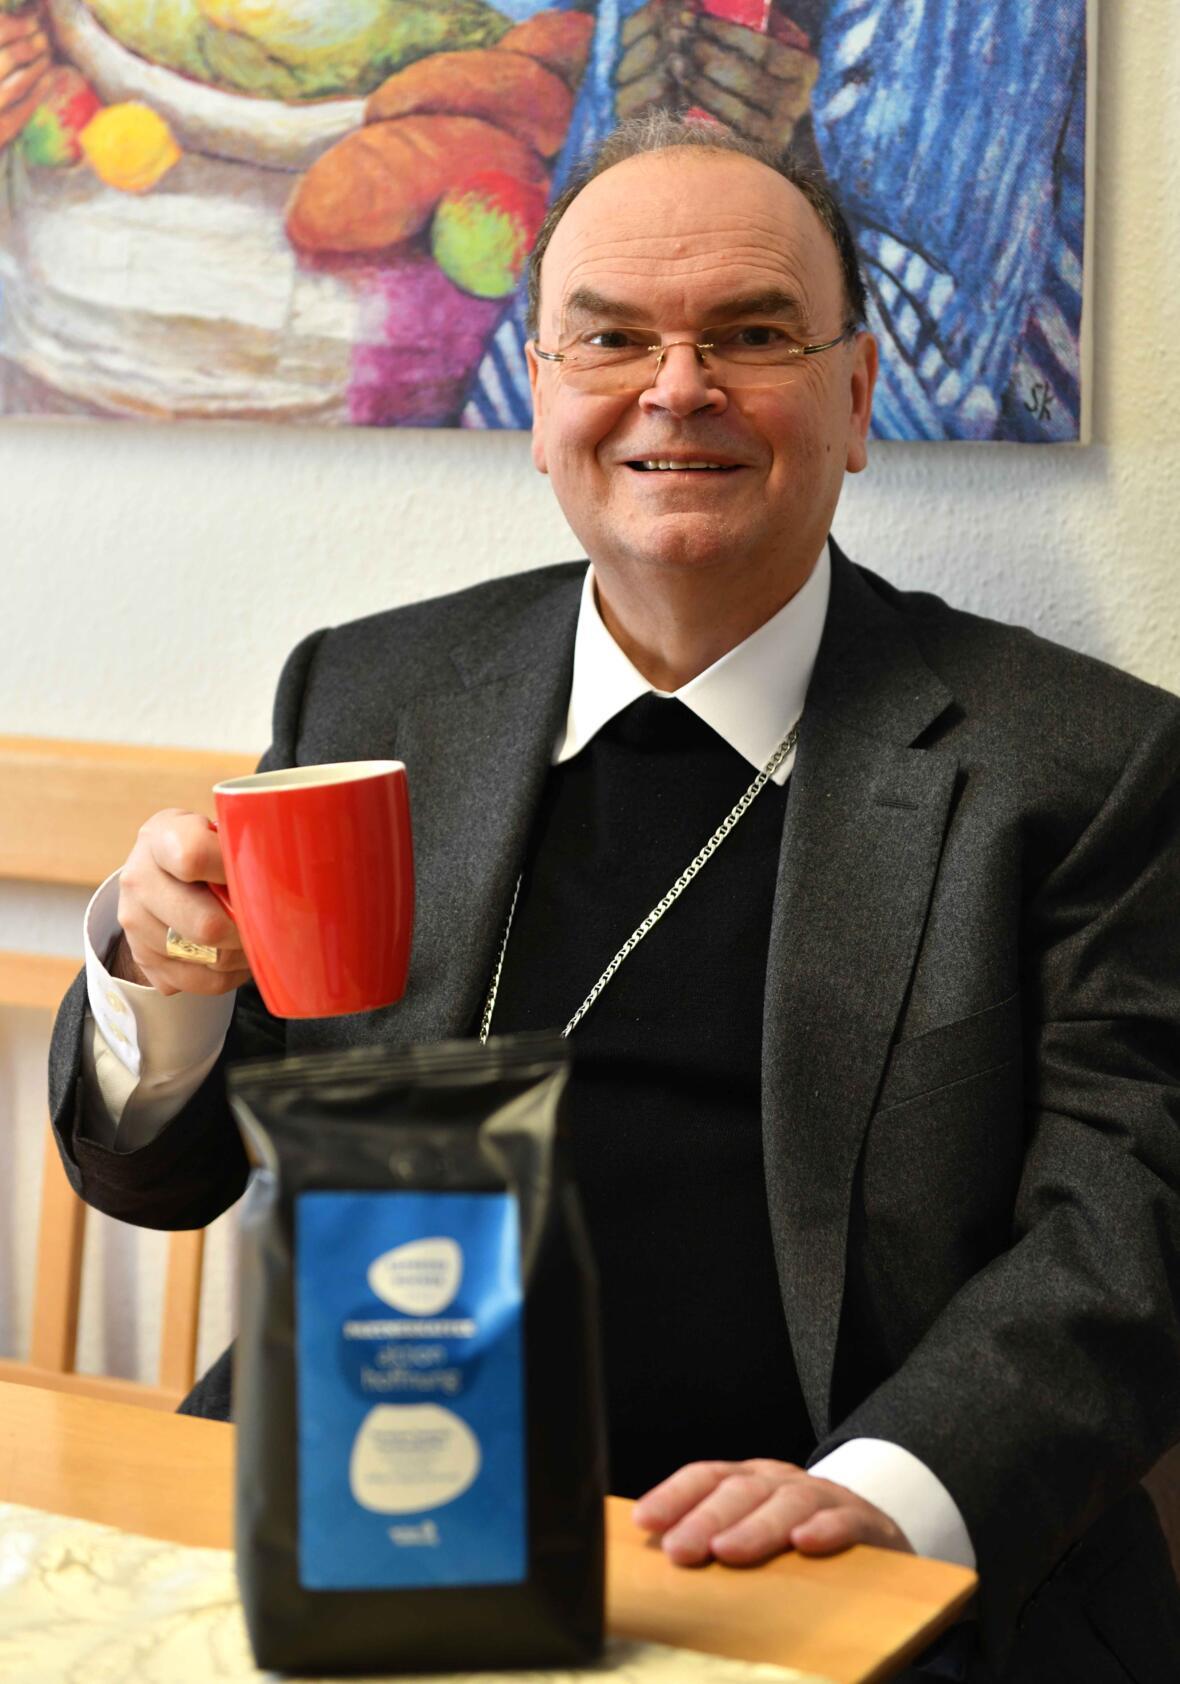 Bischof Bertram unterstützt das Partnerkaffee-Projekt der aktion hoffnung_Hochkant (Foto Maria Steber_pba)